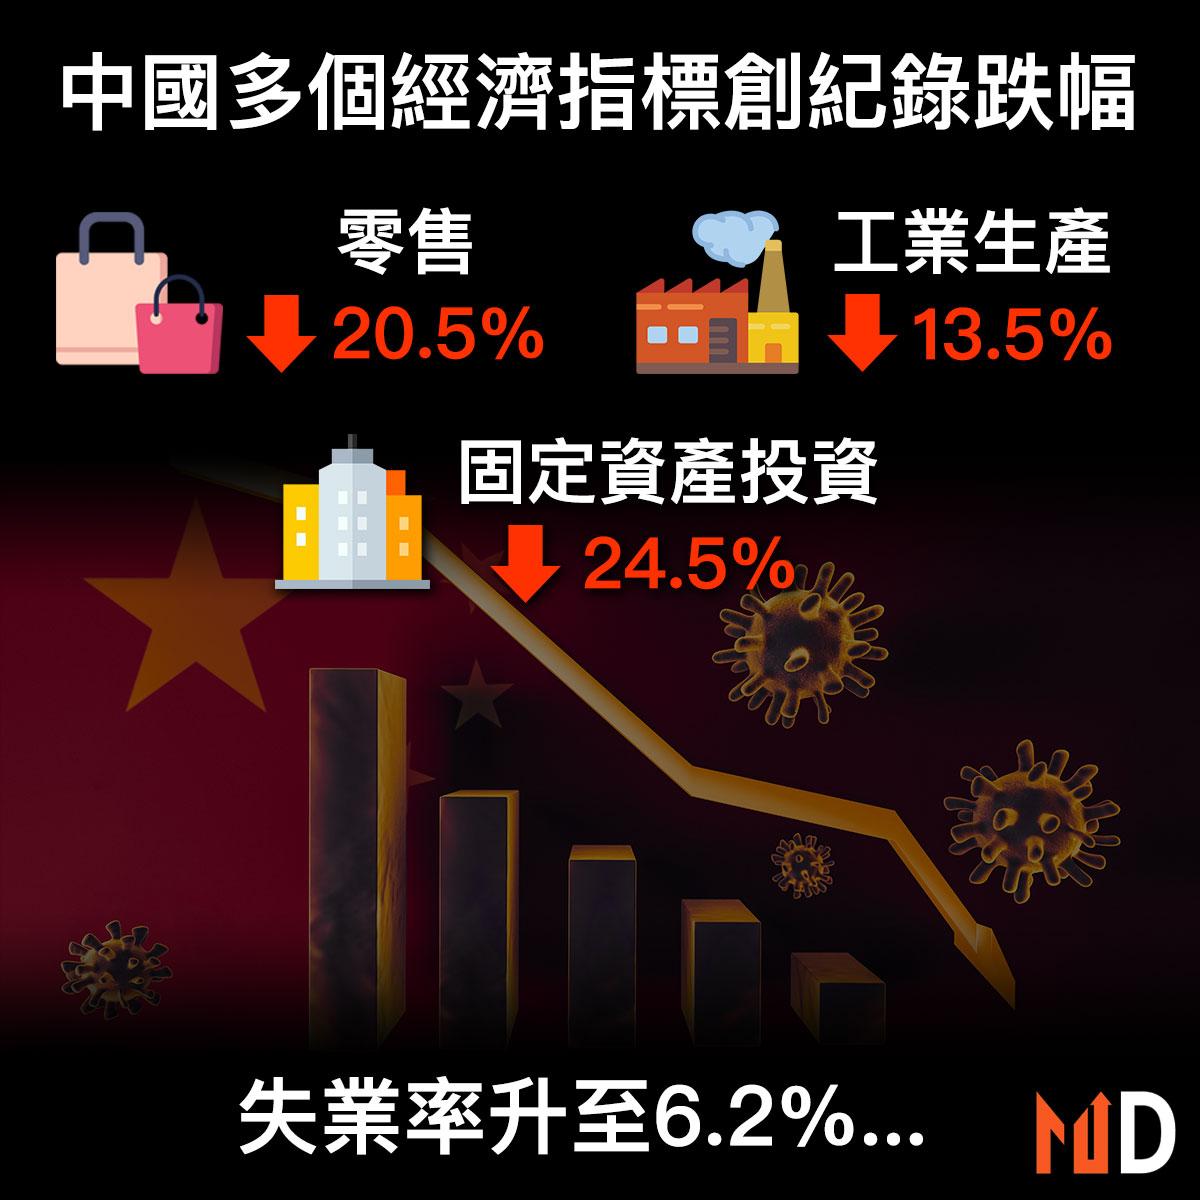 【市場熱話】中國1至2月多個經濟指標創紀錄跌幅,失業率升至6.2%!